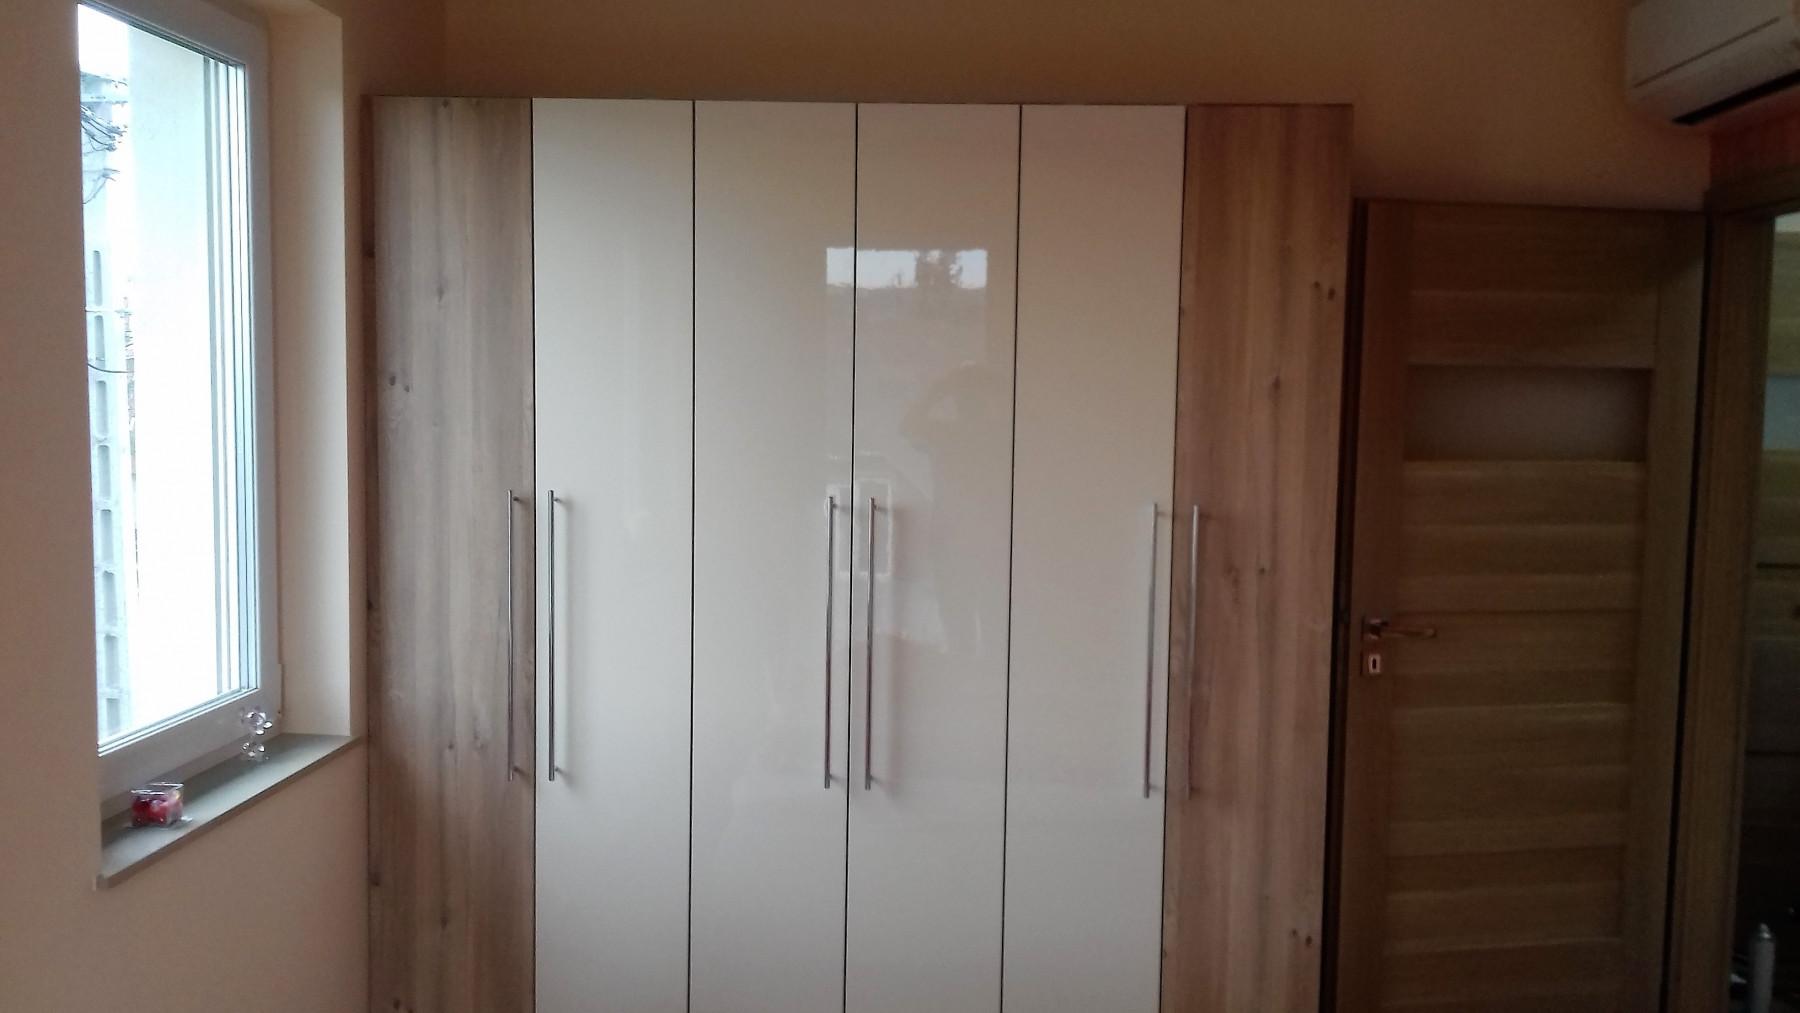 Nyíló ajtós gardrób szekrény magasfényű fehér és famintájú  ajtókkal